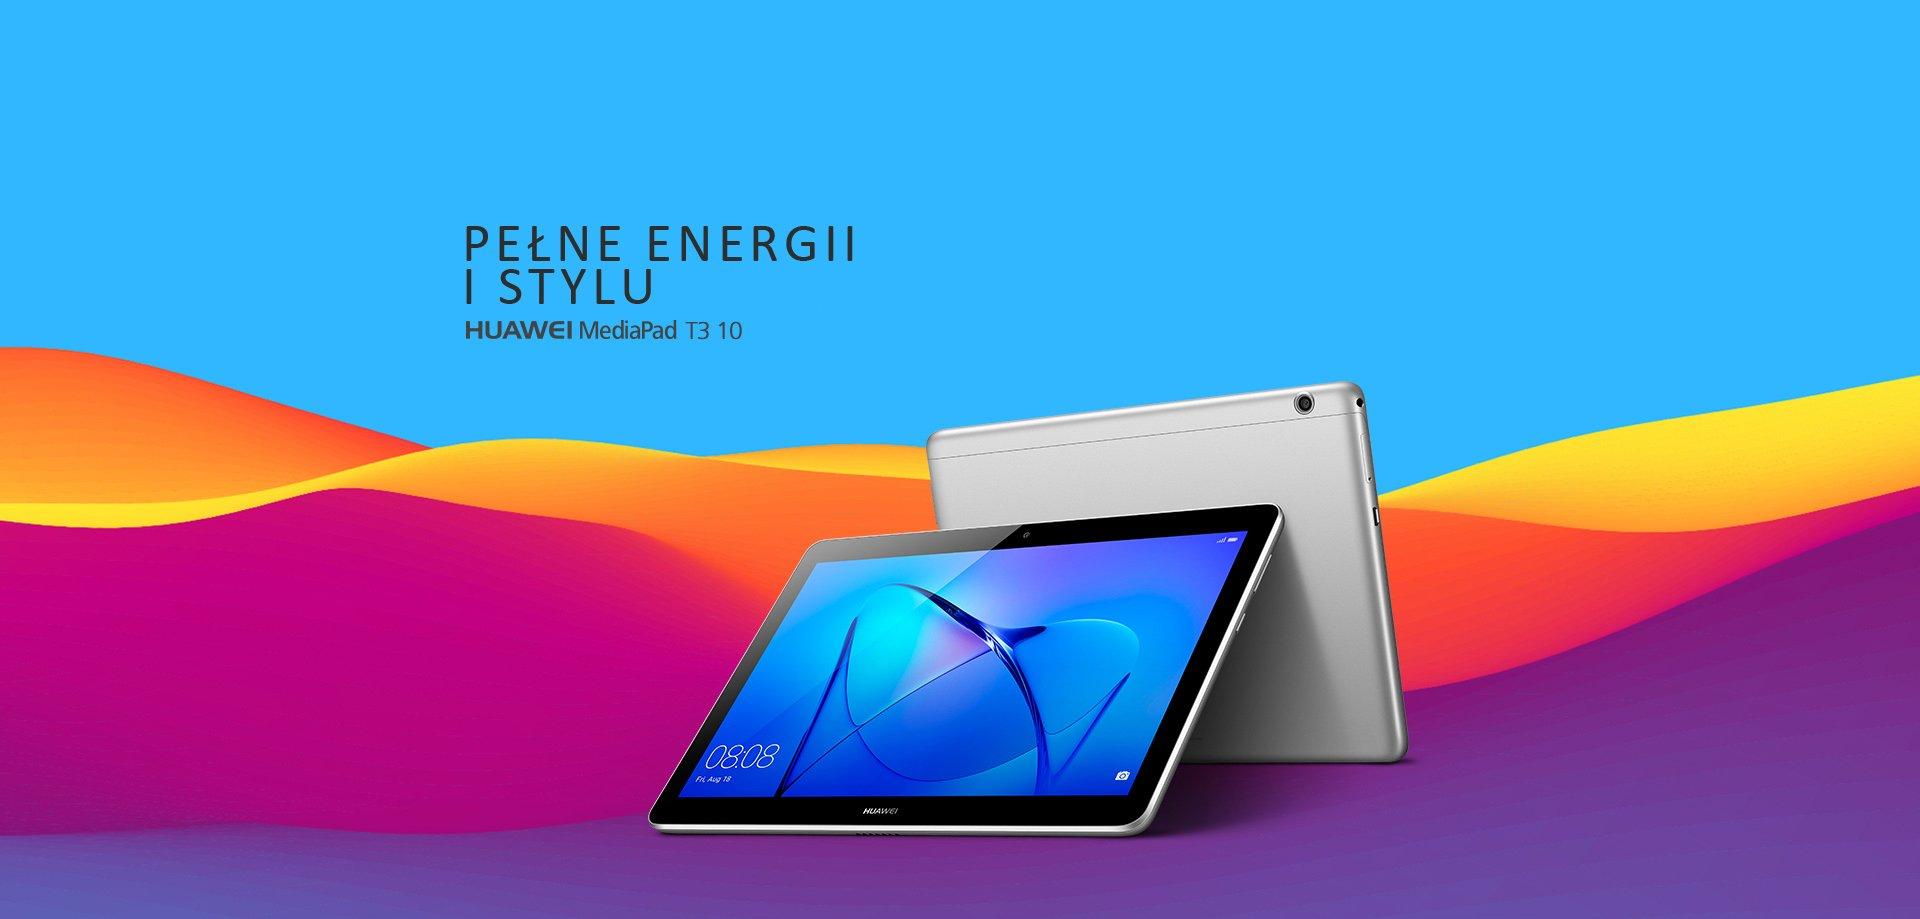 Tabletowo.pl Tablety Huawei MediaPad T3 7, T3 8 i T3 10 oraz MediaPad M3 Lite 10 trafiły do sprzedaży w Polsce Android Huawei Tablety